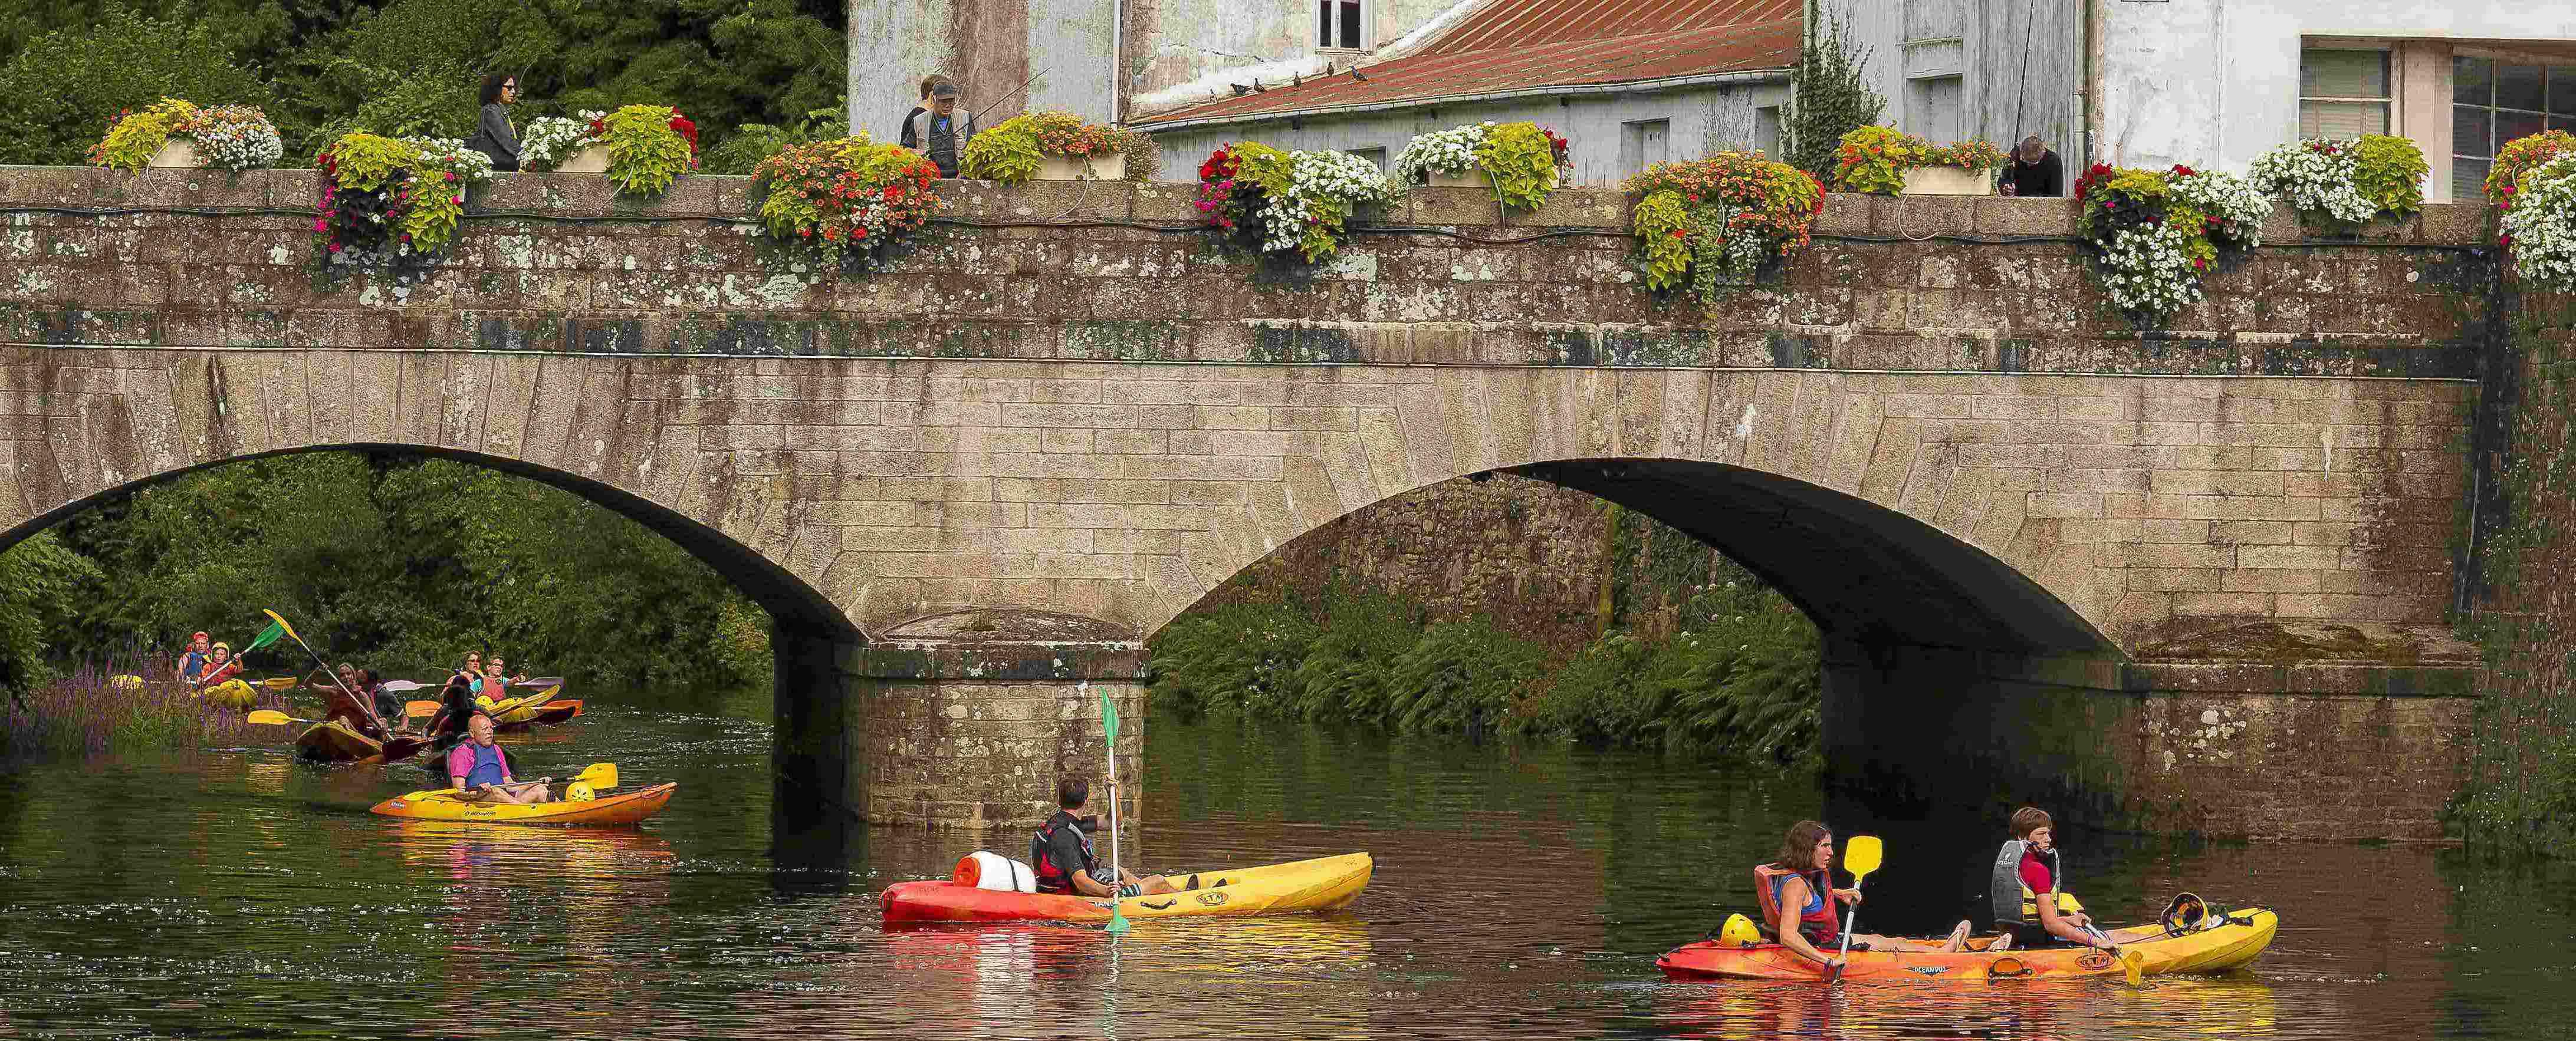 Randonnée découverte du patrimoine de Quimperlé en kayak